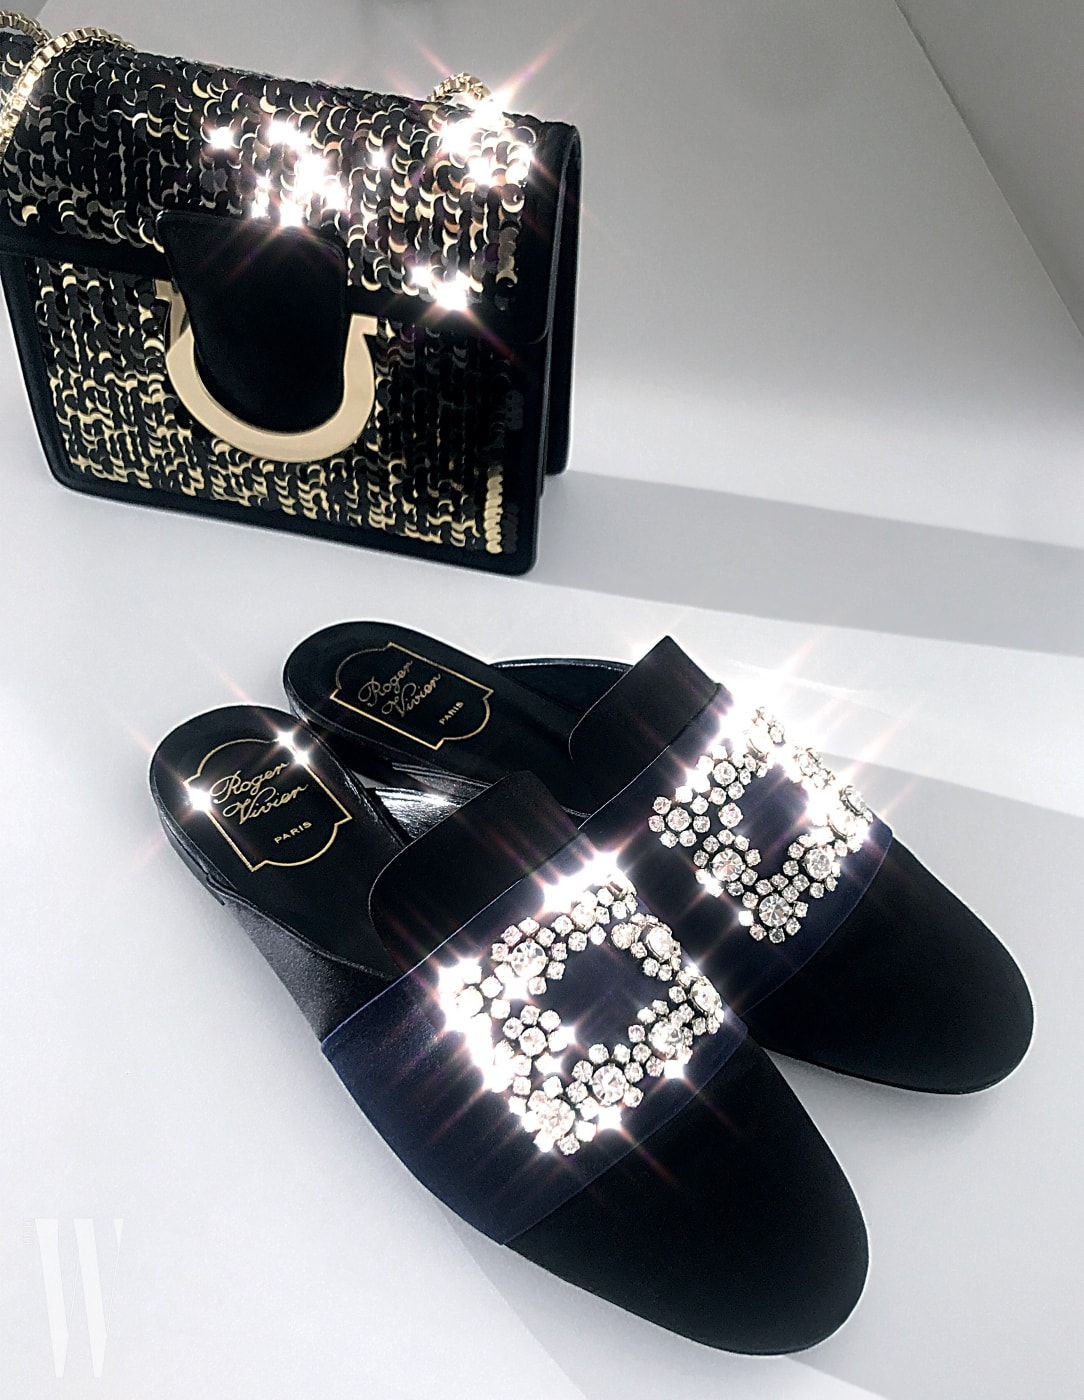 시퀸 장식 핸드백은 살바토레 페라가모 제품. 1백40만원대. 우아한 주얼 장식 새틴 슬리퍼는 로저 비비에 제품. 1백60만원대.